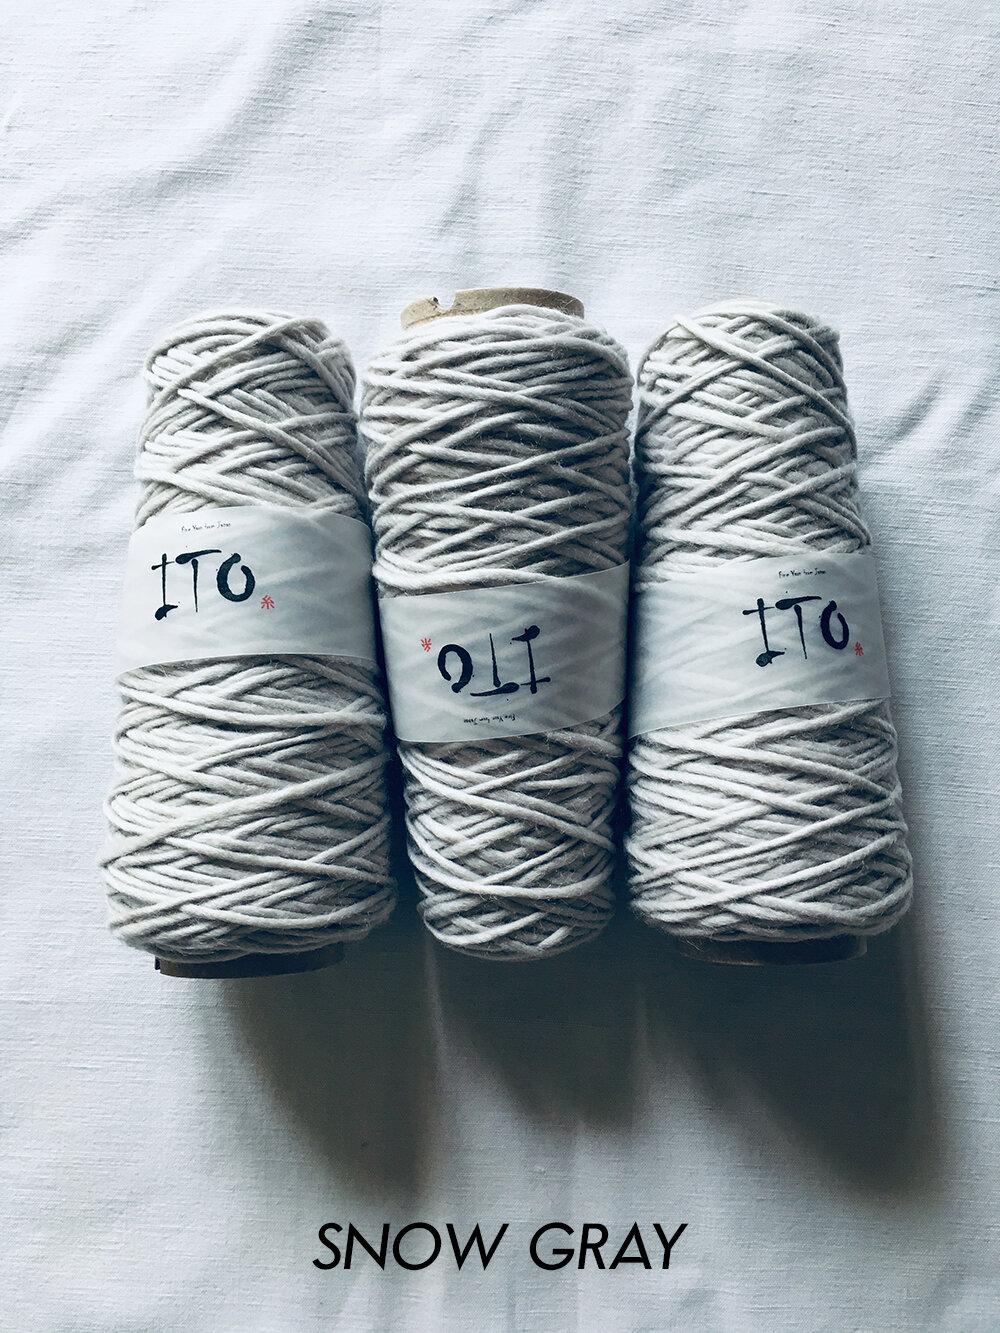 ito_yomo_snow_gray_471_wool_done_knitting.jpg